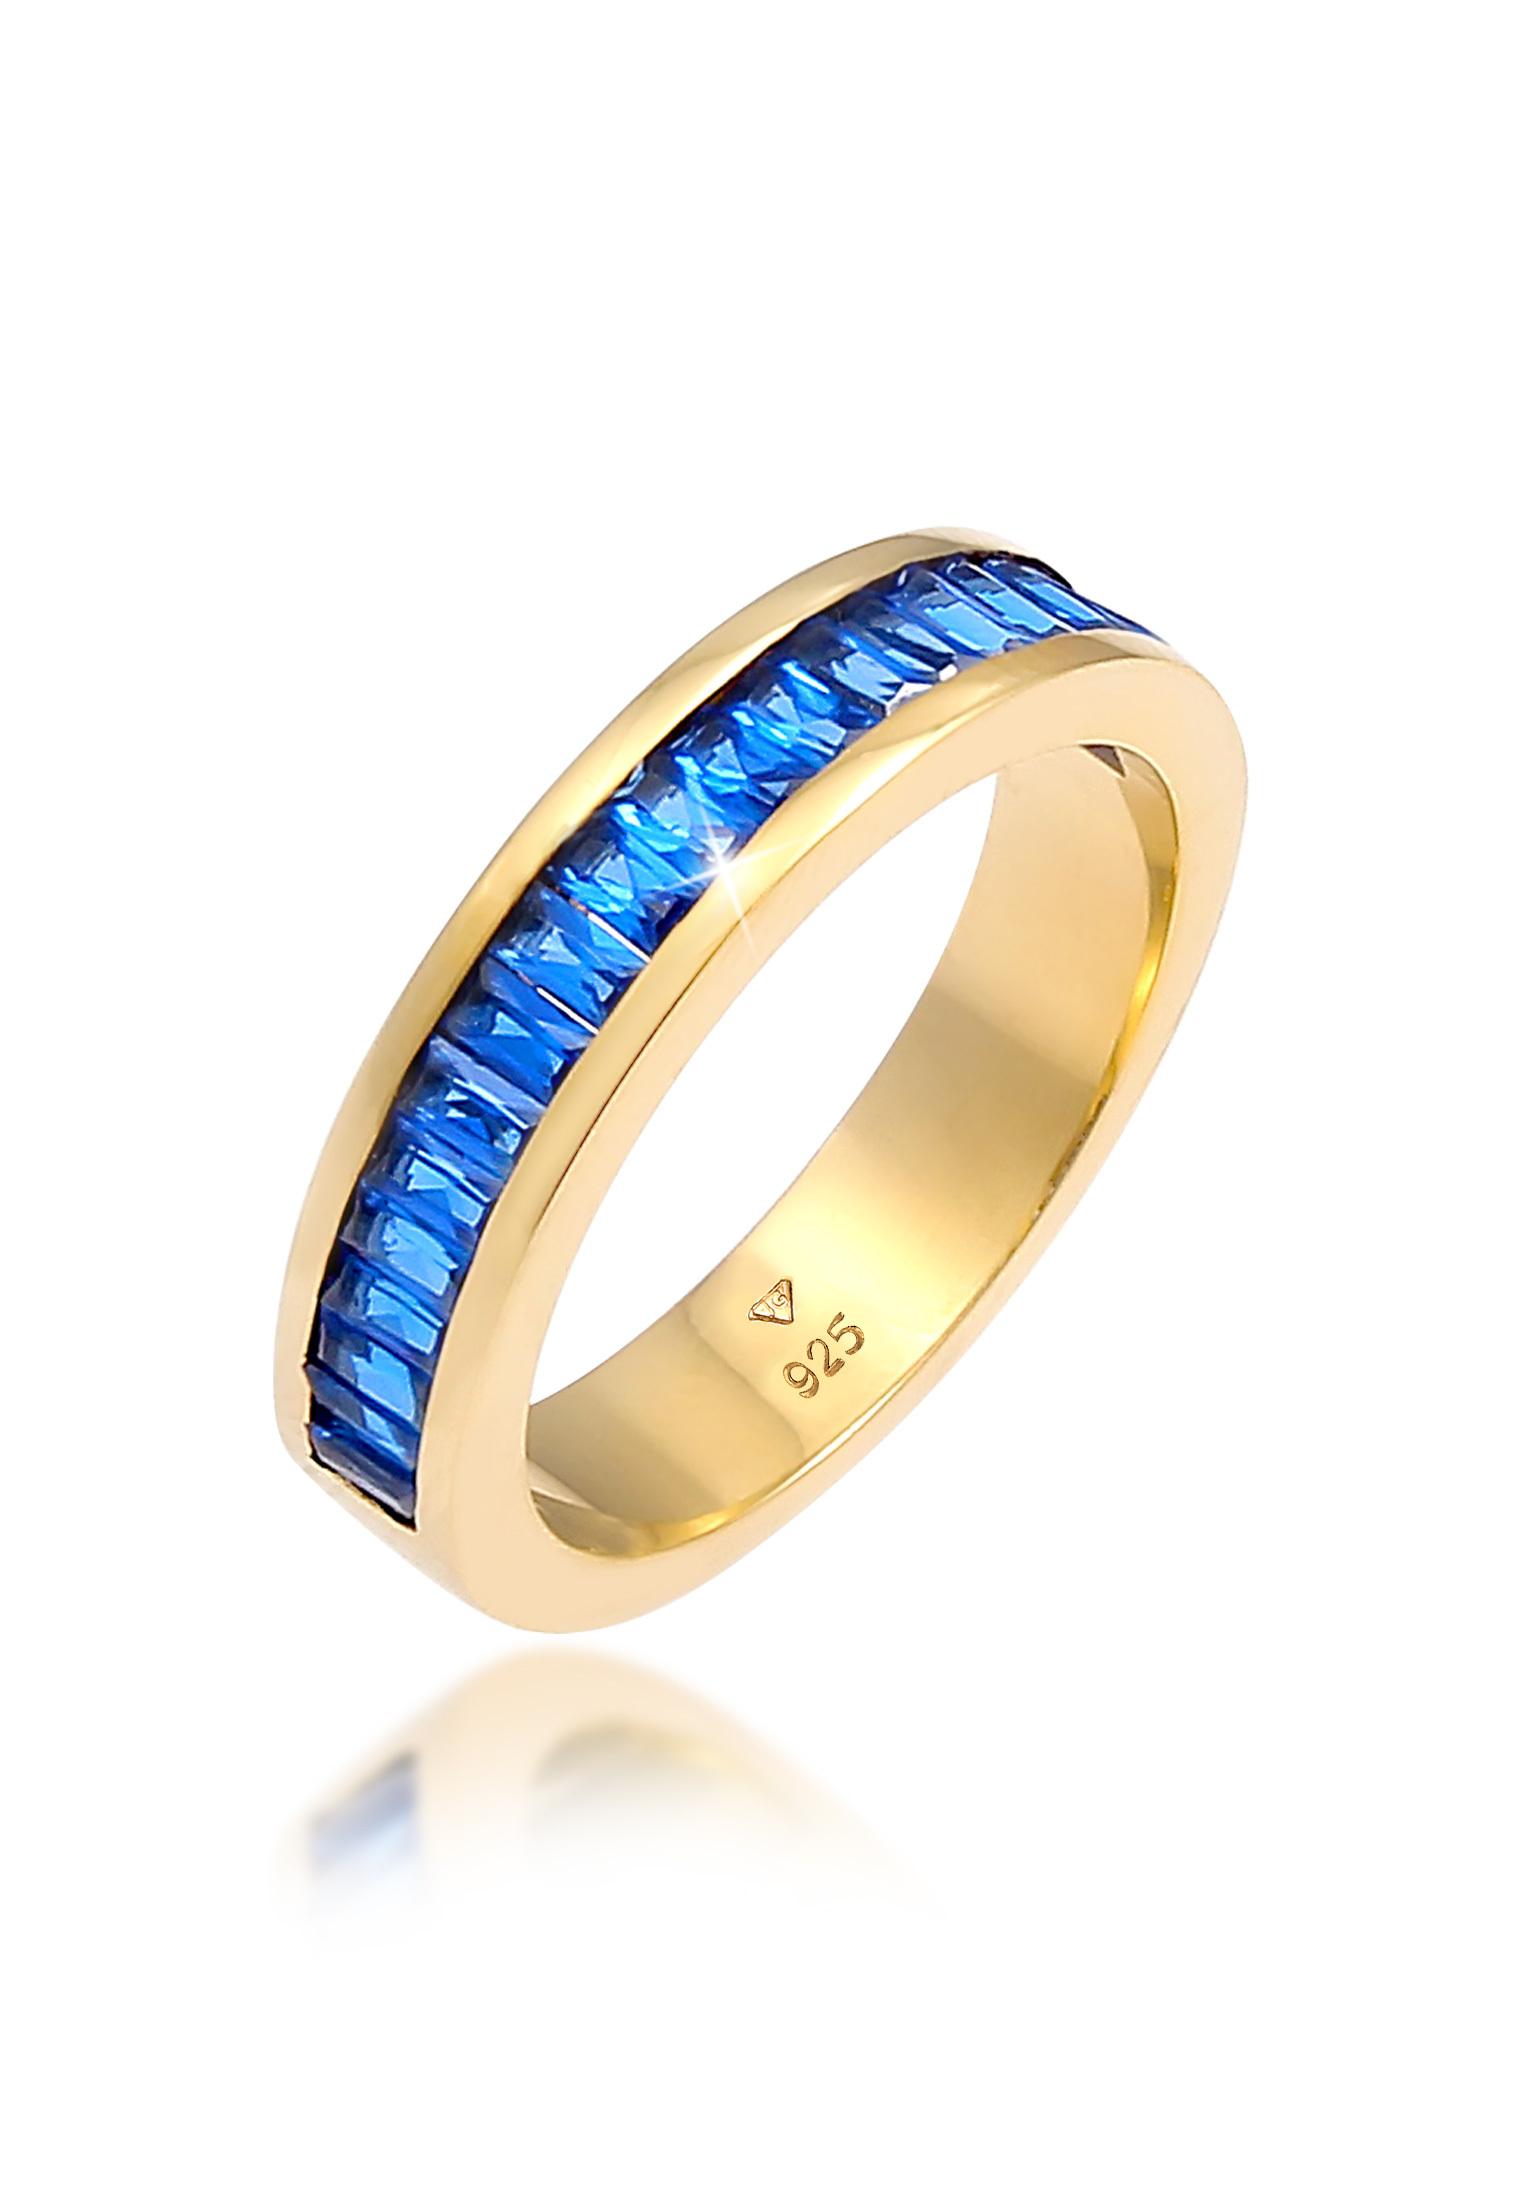 Bandring | Saphir ( Blau ) | 925 Sterling Silber vergoldet